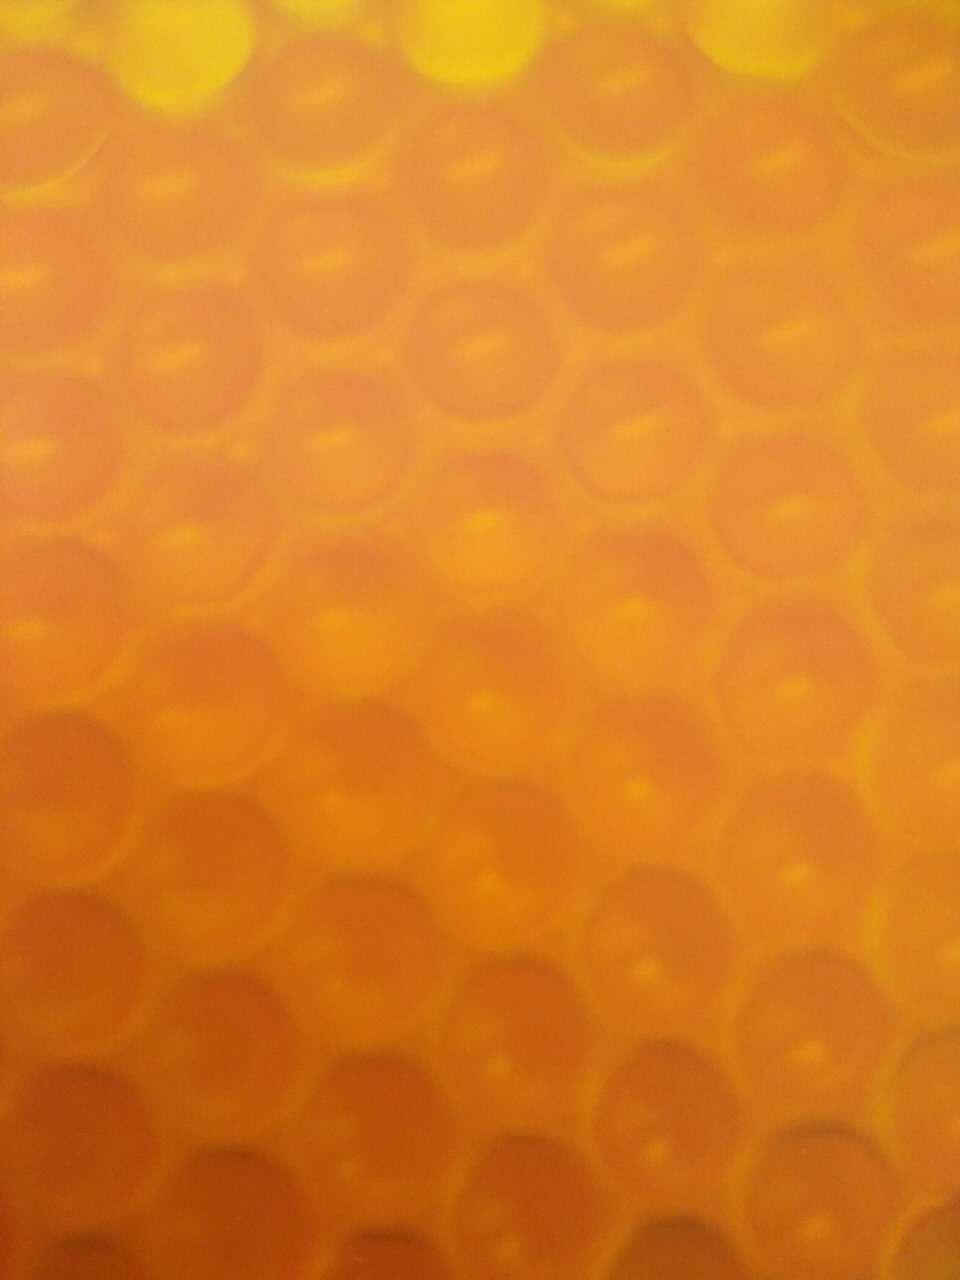 醋酸镍-福建高质量的工业原料